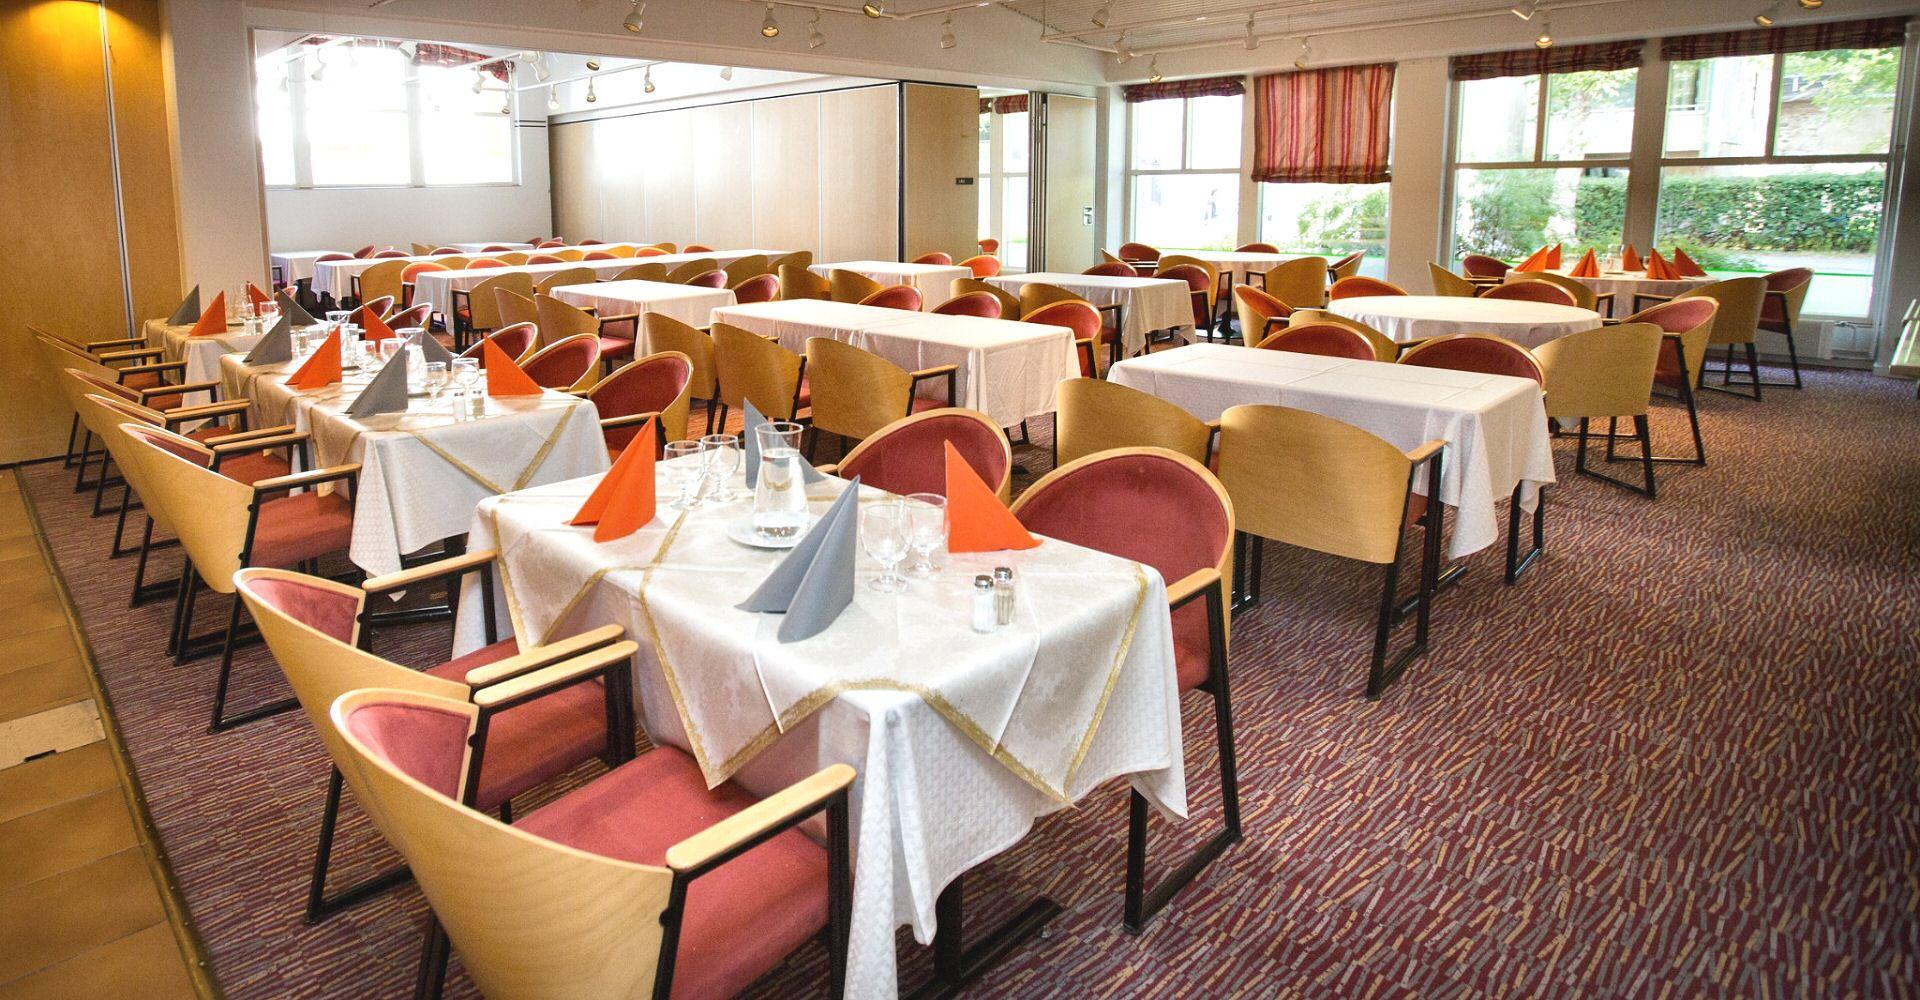 Ravintola Liisanpuiston muuntautumiskykyinen, valoisa ja viihtyisä ravintolasali on sopiva 120 henkilön tilaisuuksiin. Tila on jaettavissa erikokoisiin neuvottelu/kabinettitiloihin. Tarvittavat ruokailut ja kahvitukset onnistuvat tarpeidenne mukaan. Ravintolasta löytyy 20 henkilön kabinettila, jossa järjestyvät myös hyvin erilliset juhlatilaisuudet. 16 henkilön kabinettila, jossa rauhaisa